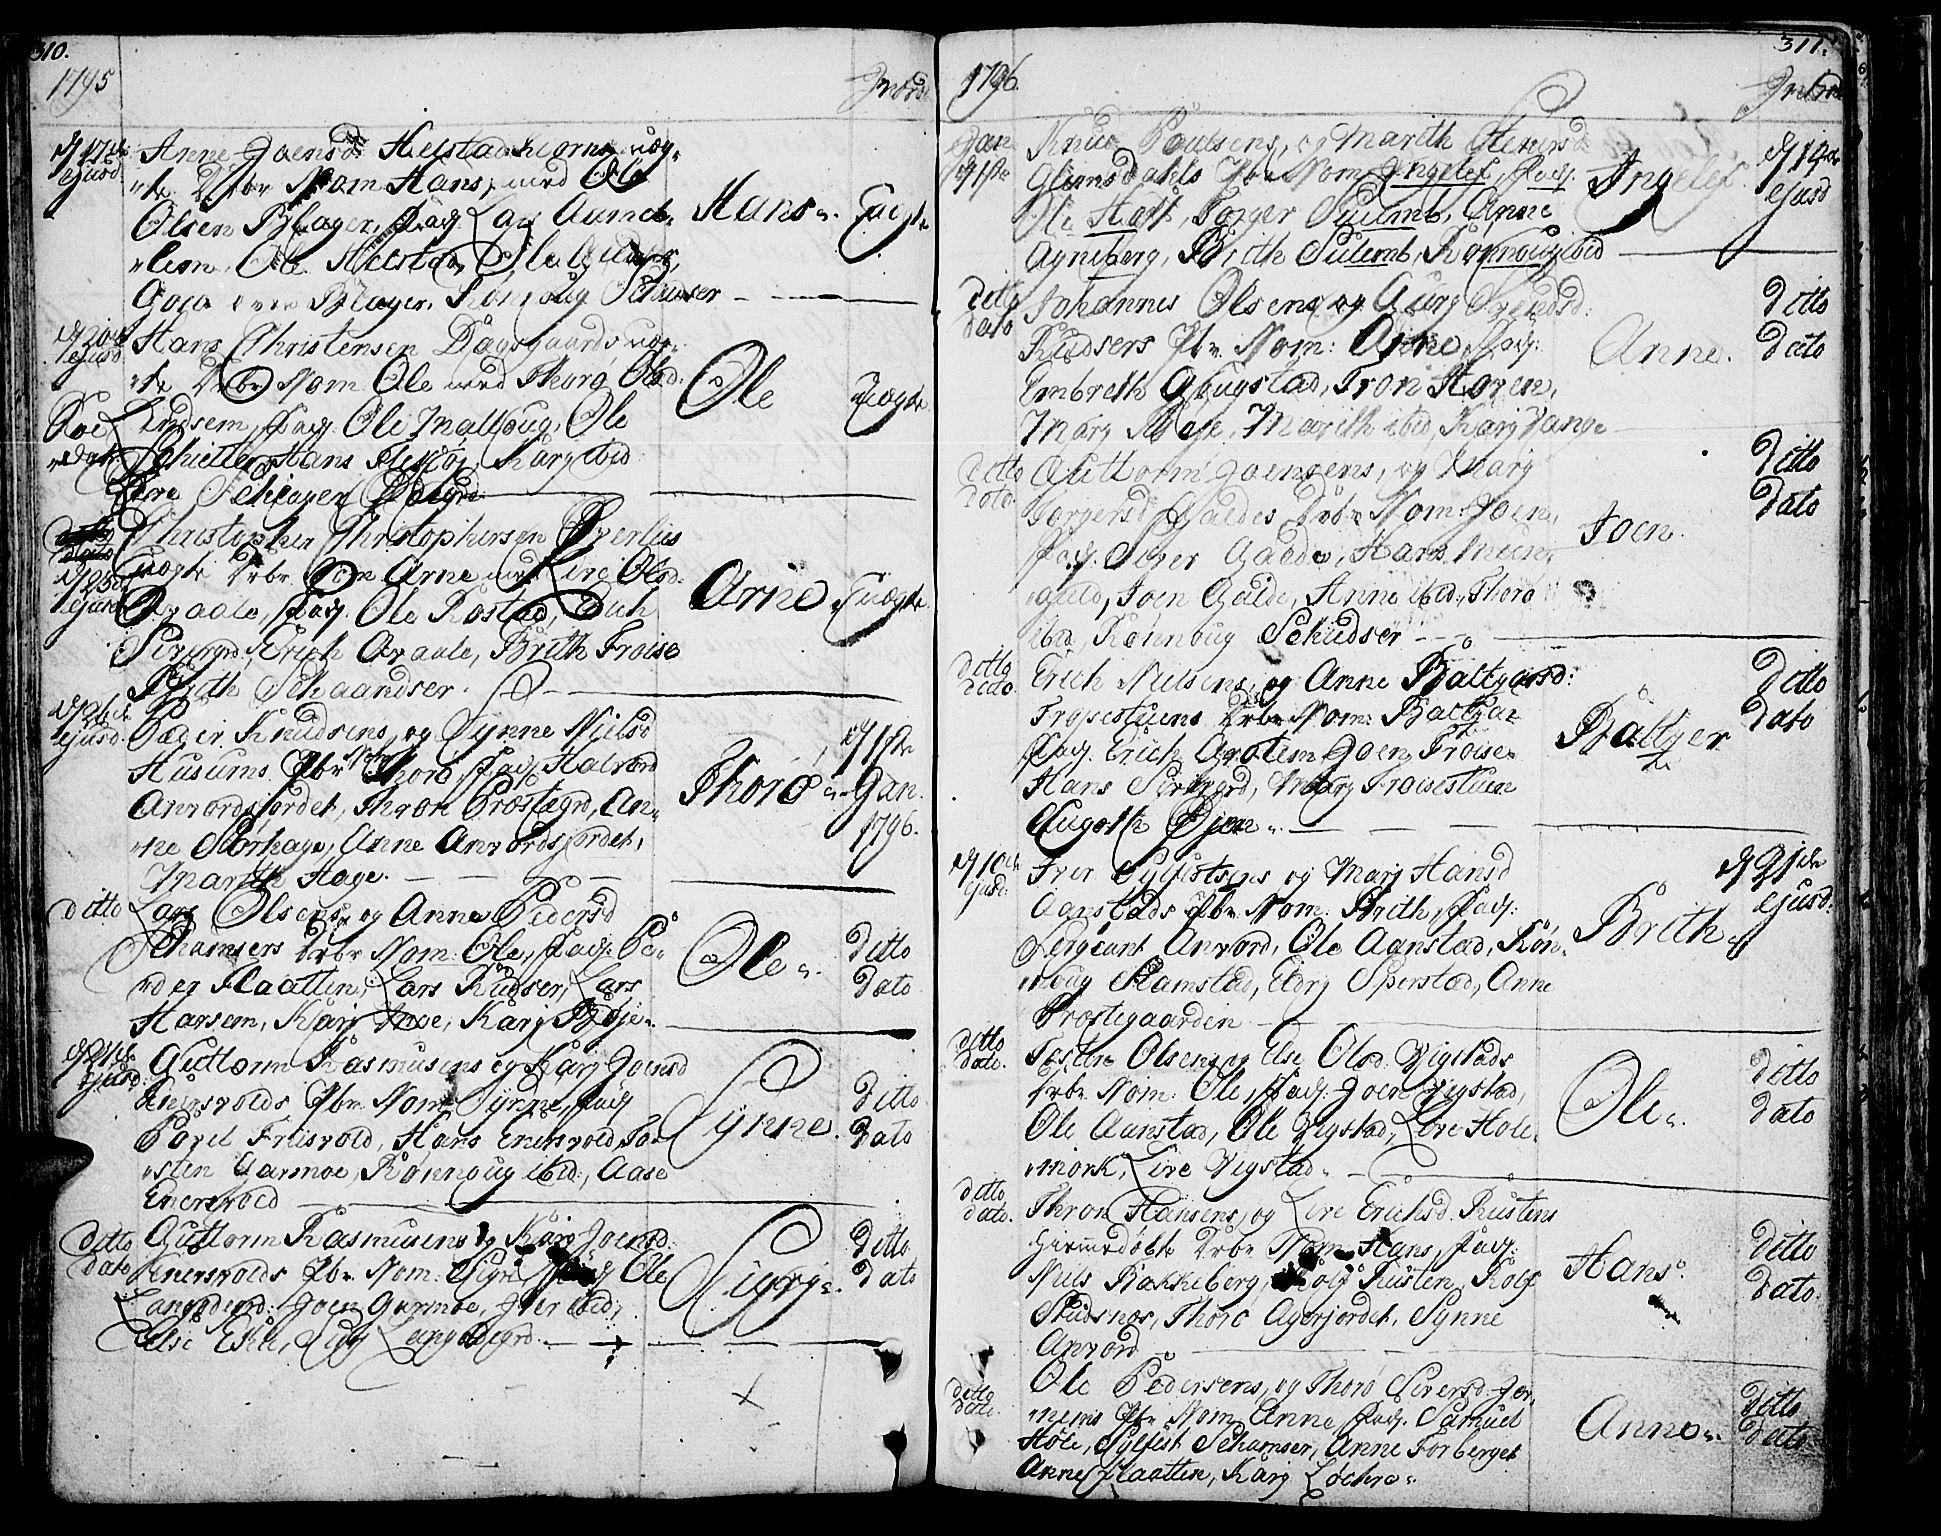 SAH, Lom prestekontor, K/L0002: Ministerialbok nr. 2, 1749-1801, s. 310-311